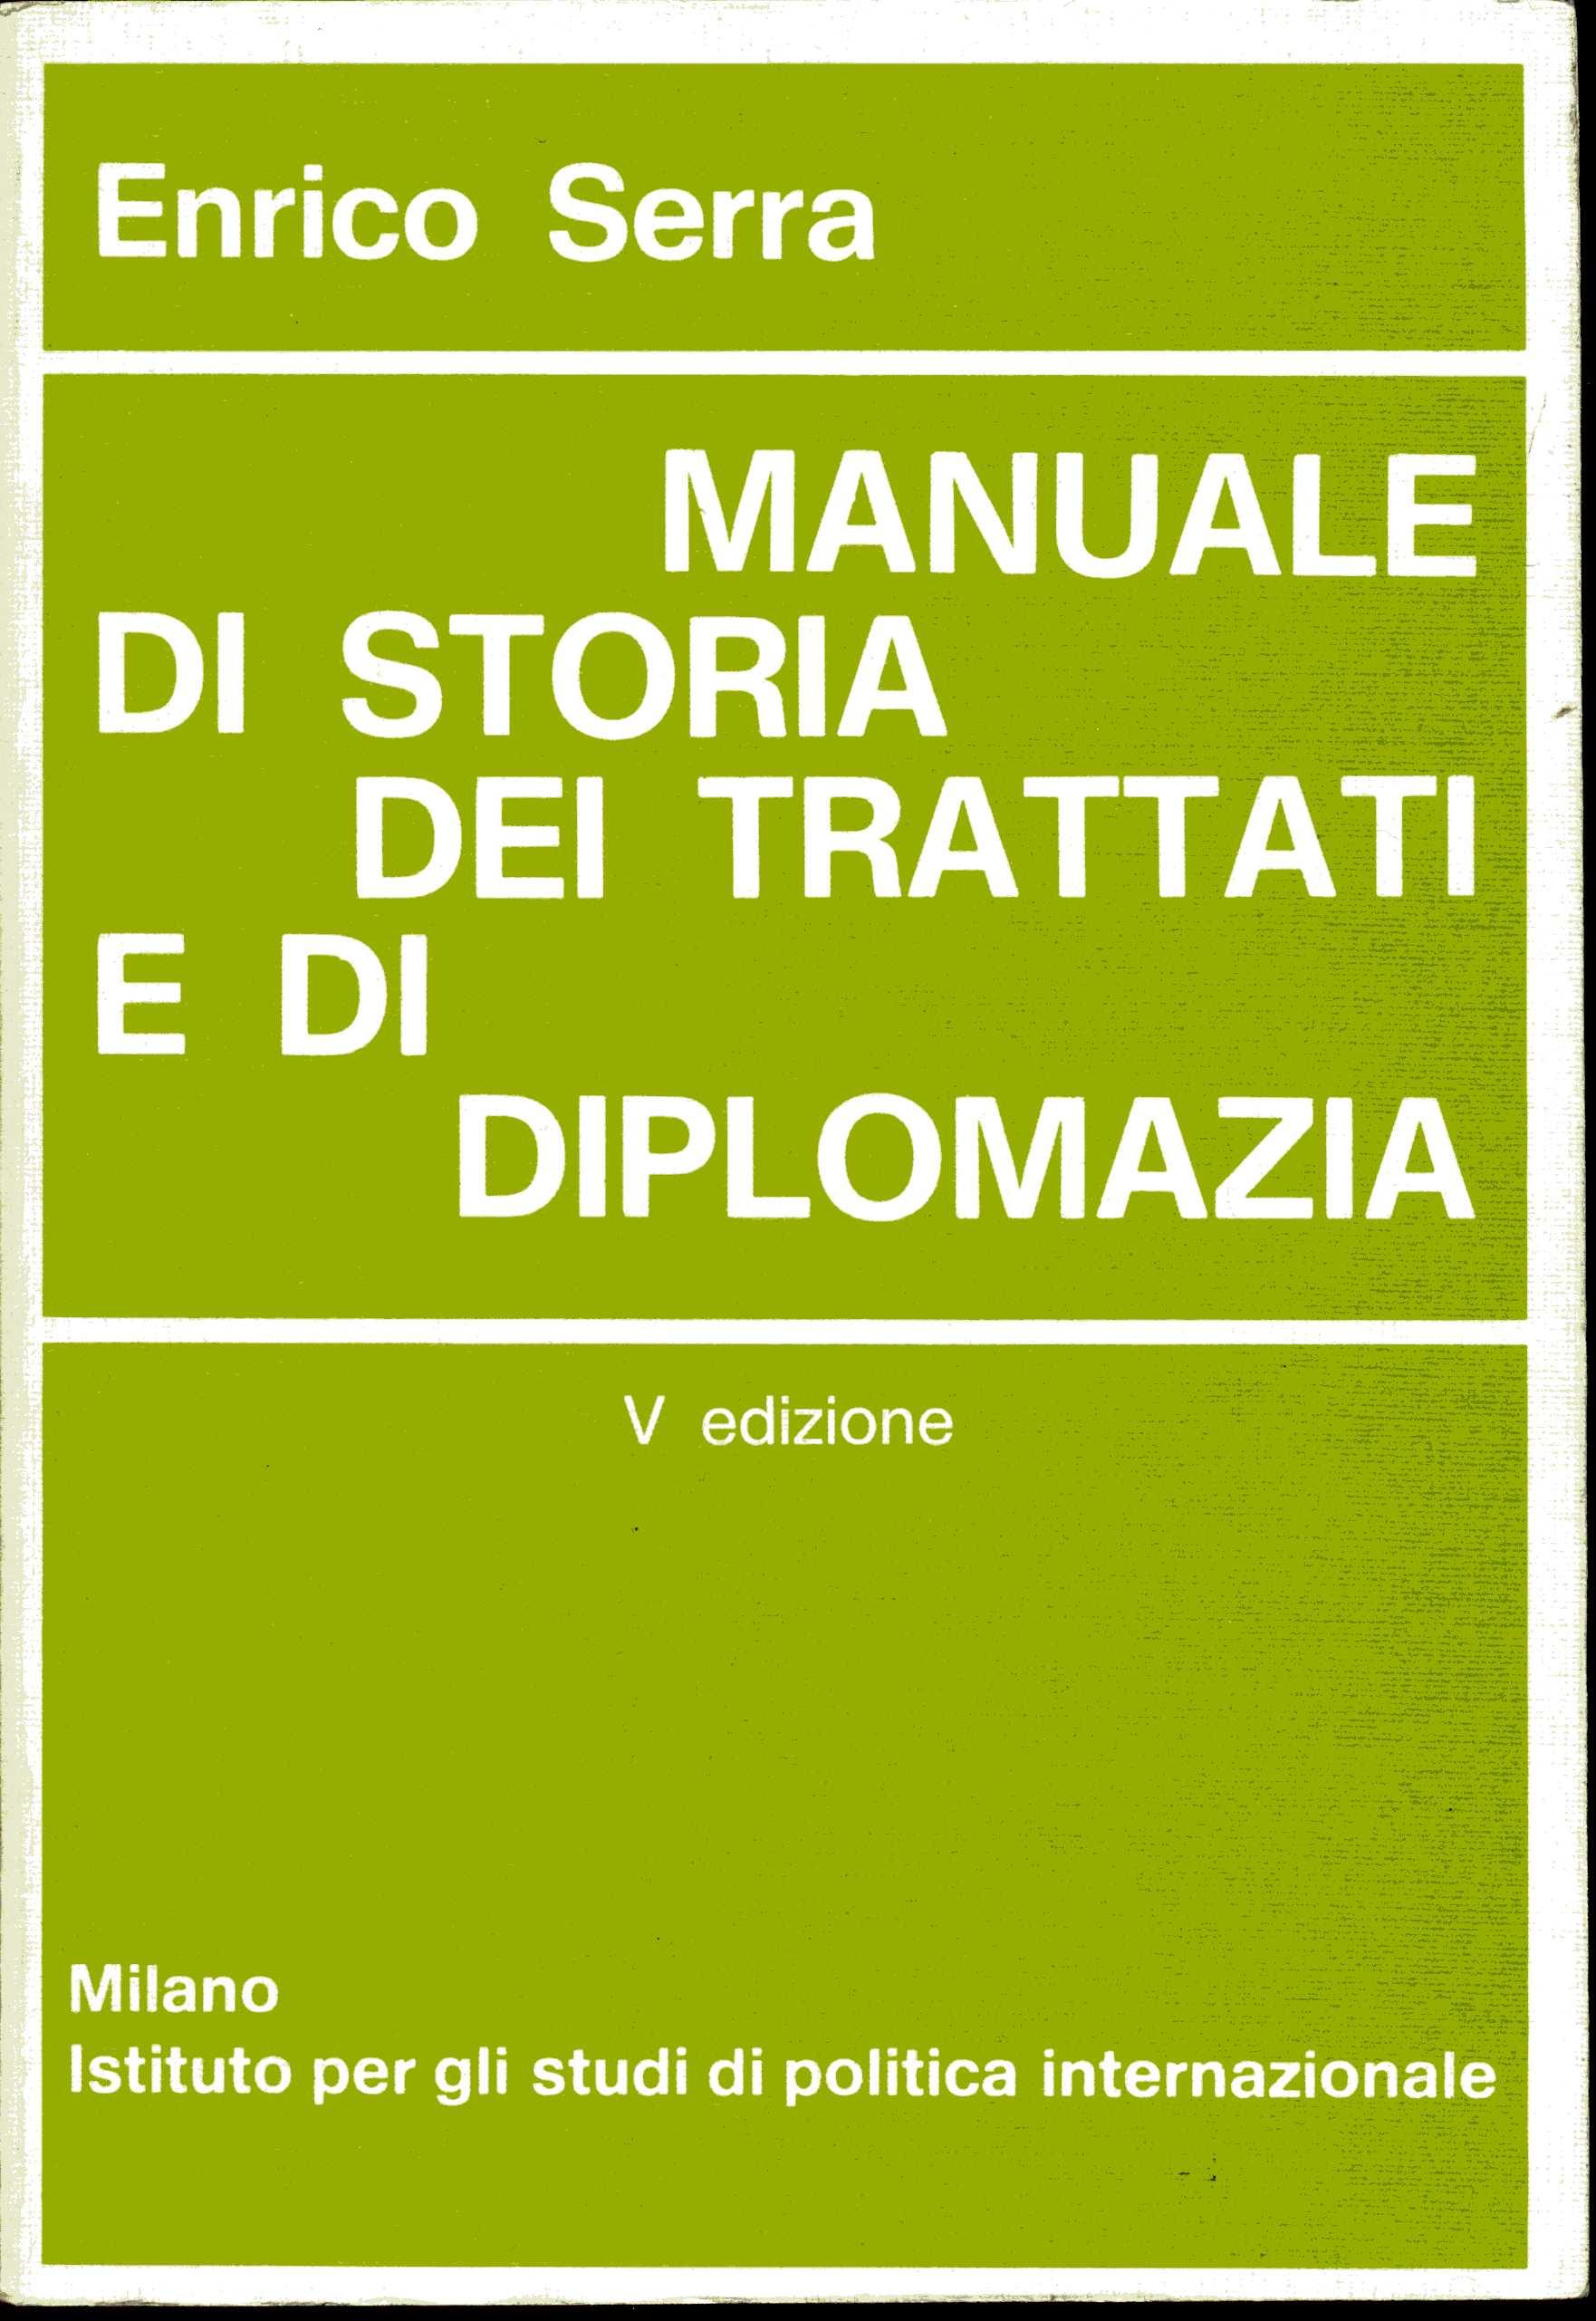 Manuale di storia dei trattati e di diplomazia